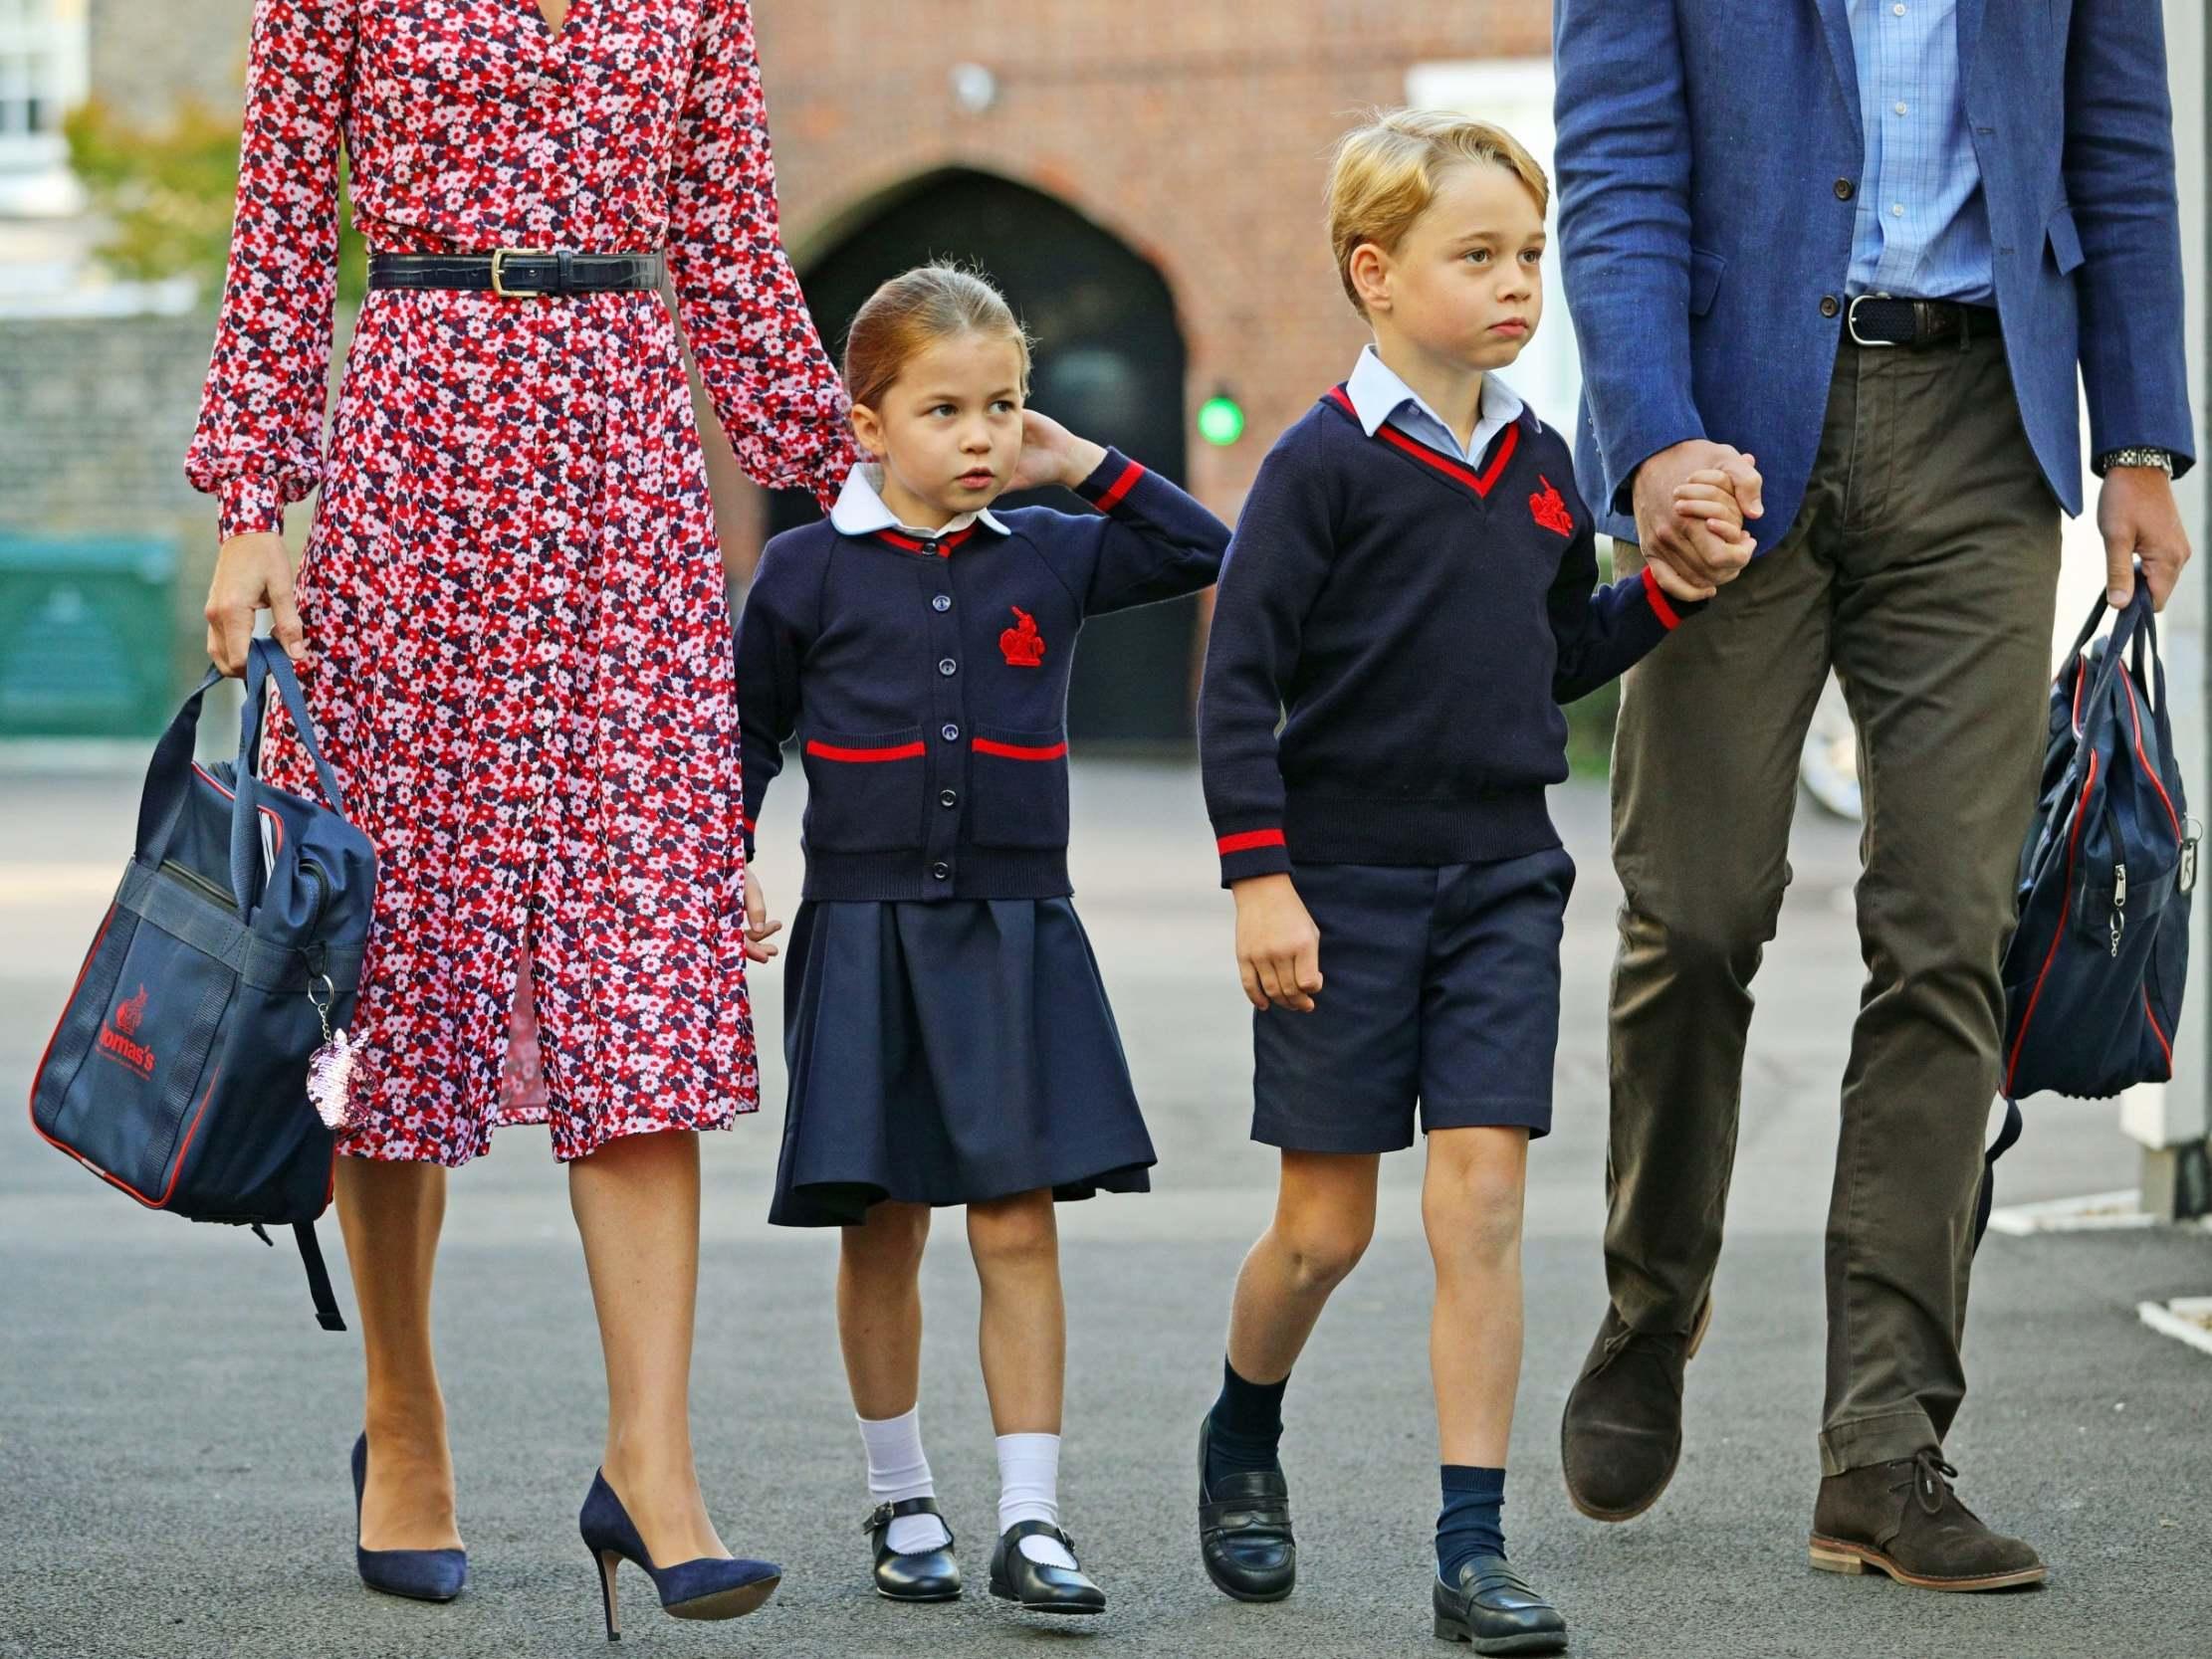 Αποτέλεσμα εικόνας για princess charlotte first day of school